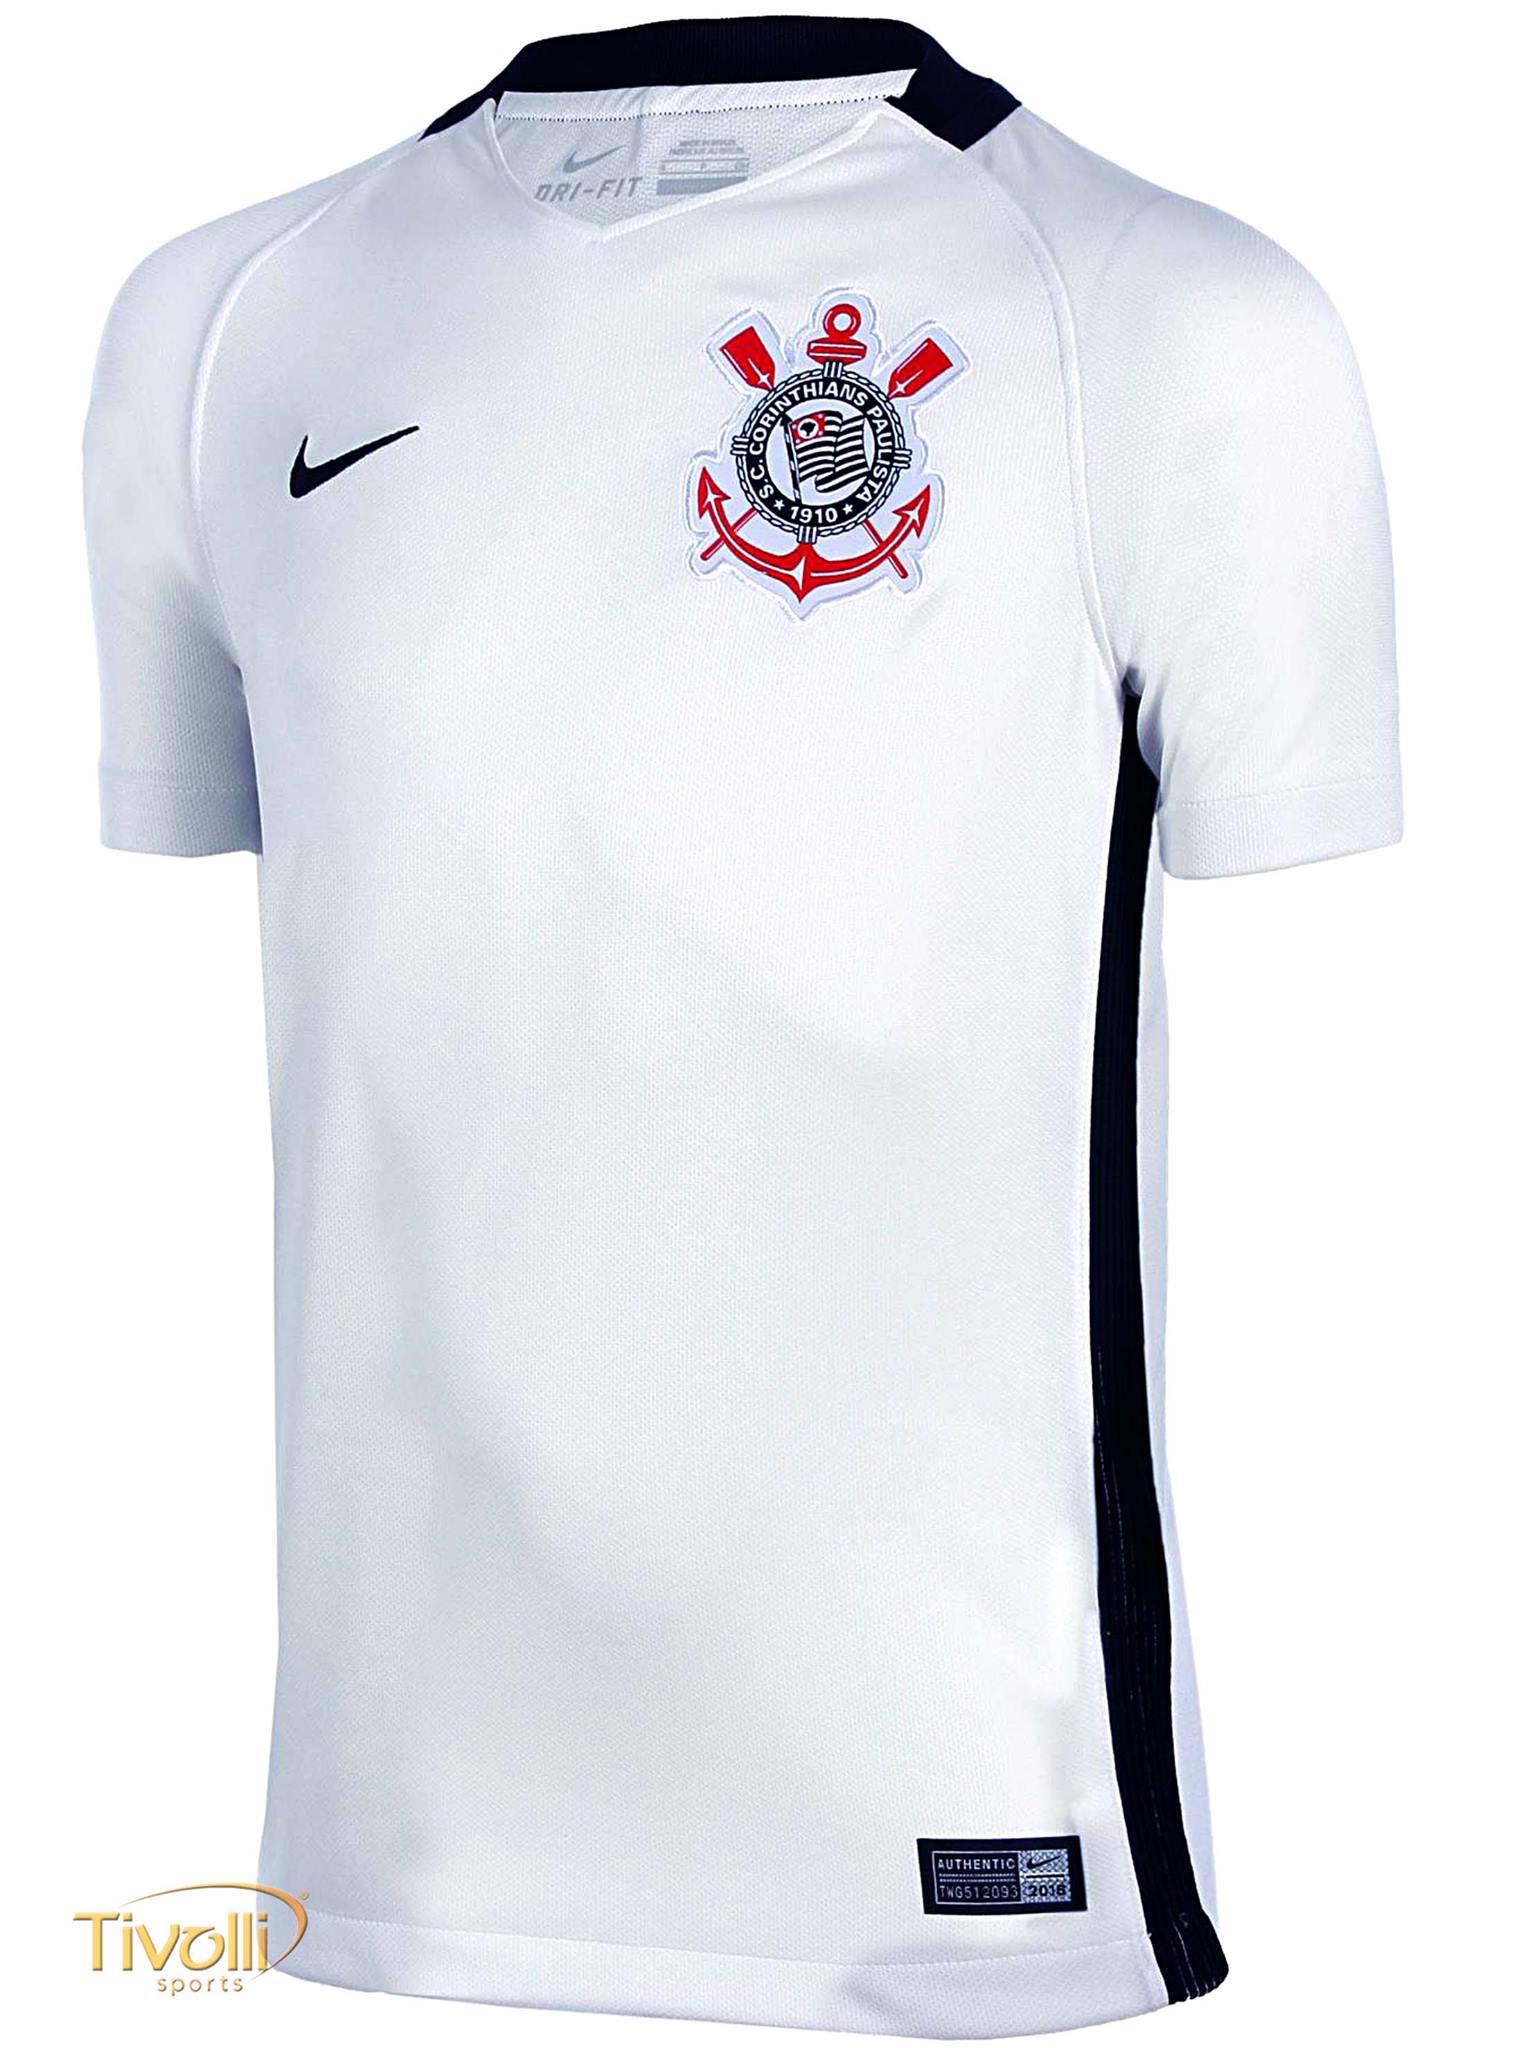 Camisa Nike Corinthians I Home Infantil Torcedor 2016 2017 Branca e Preta 2de27e840a986